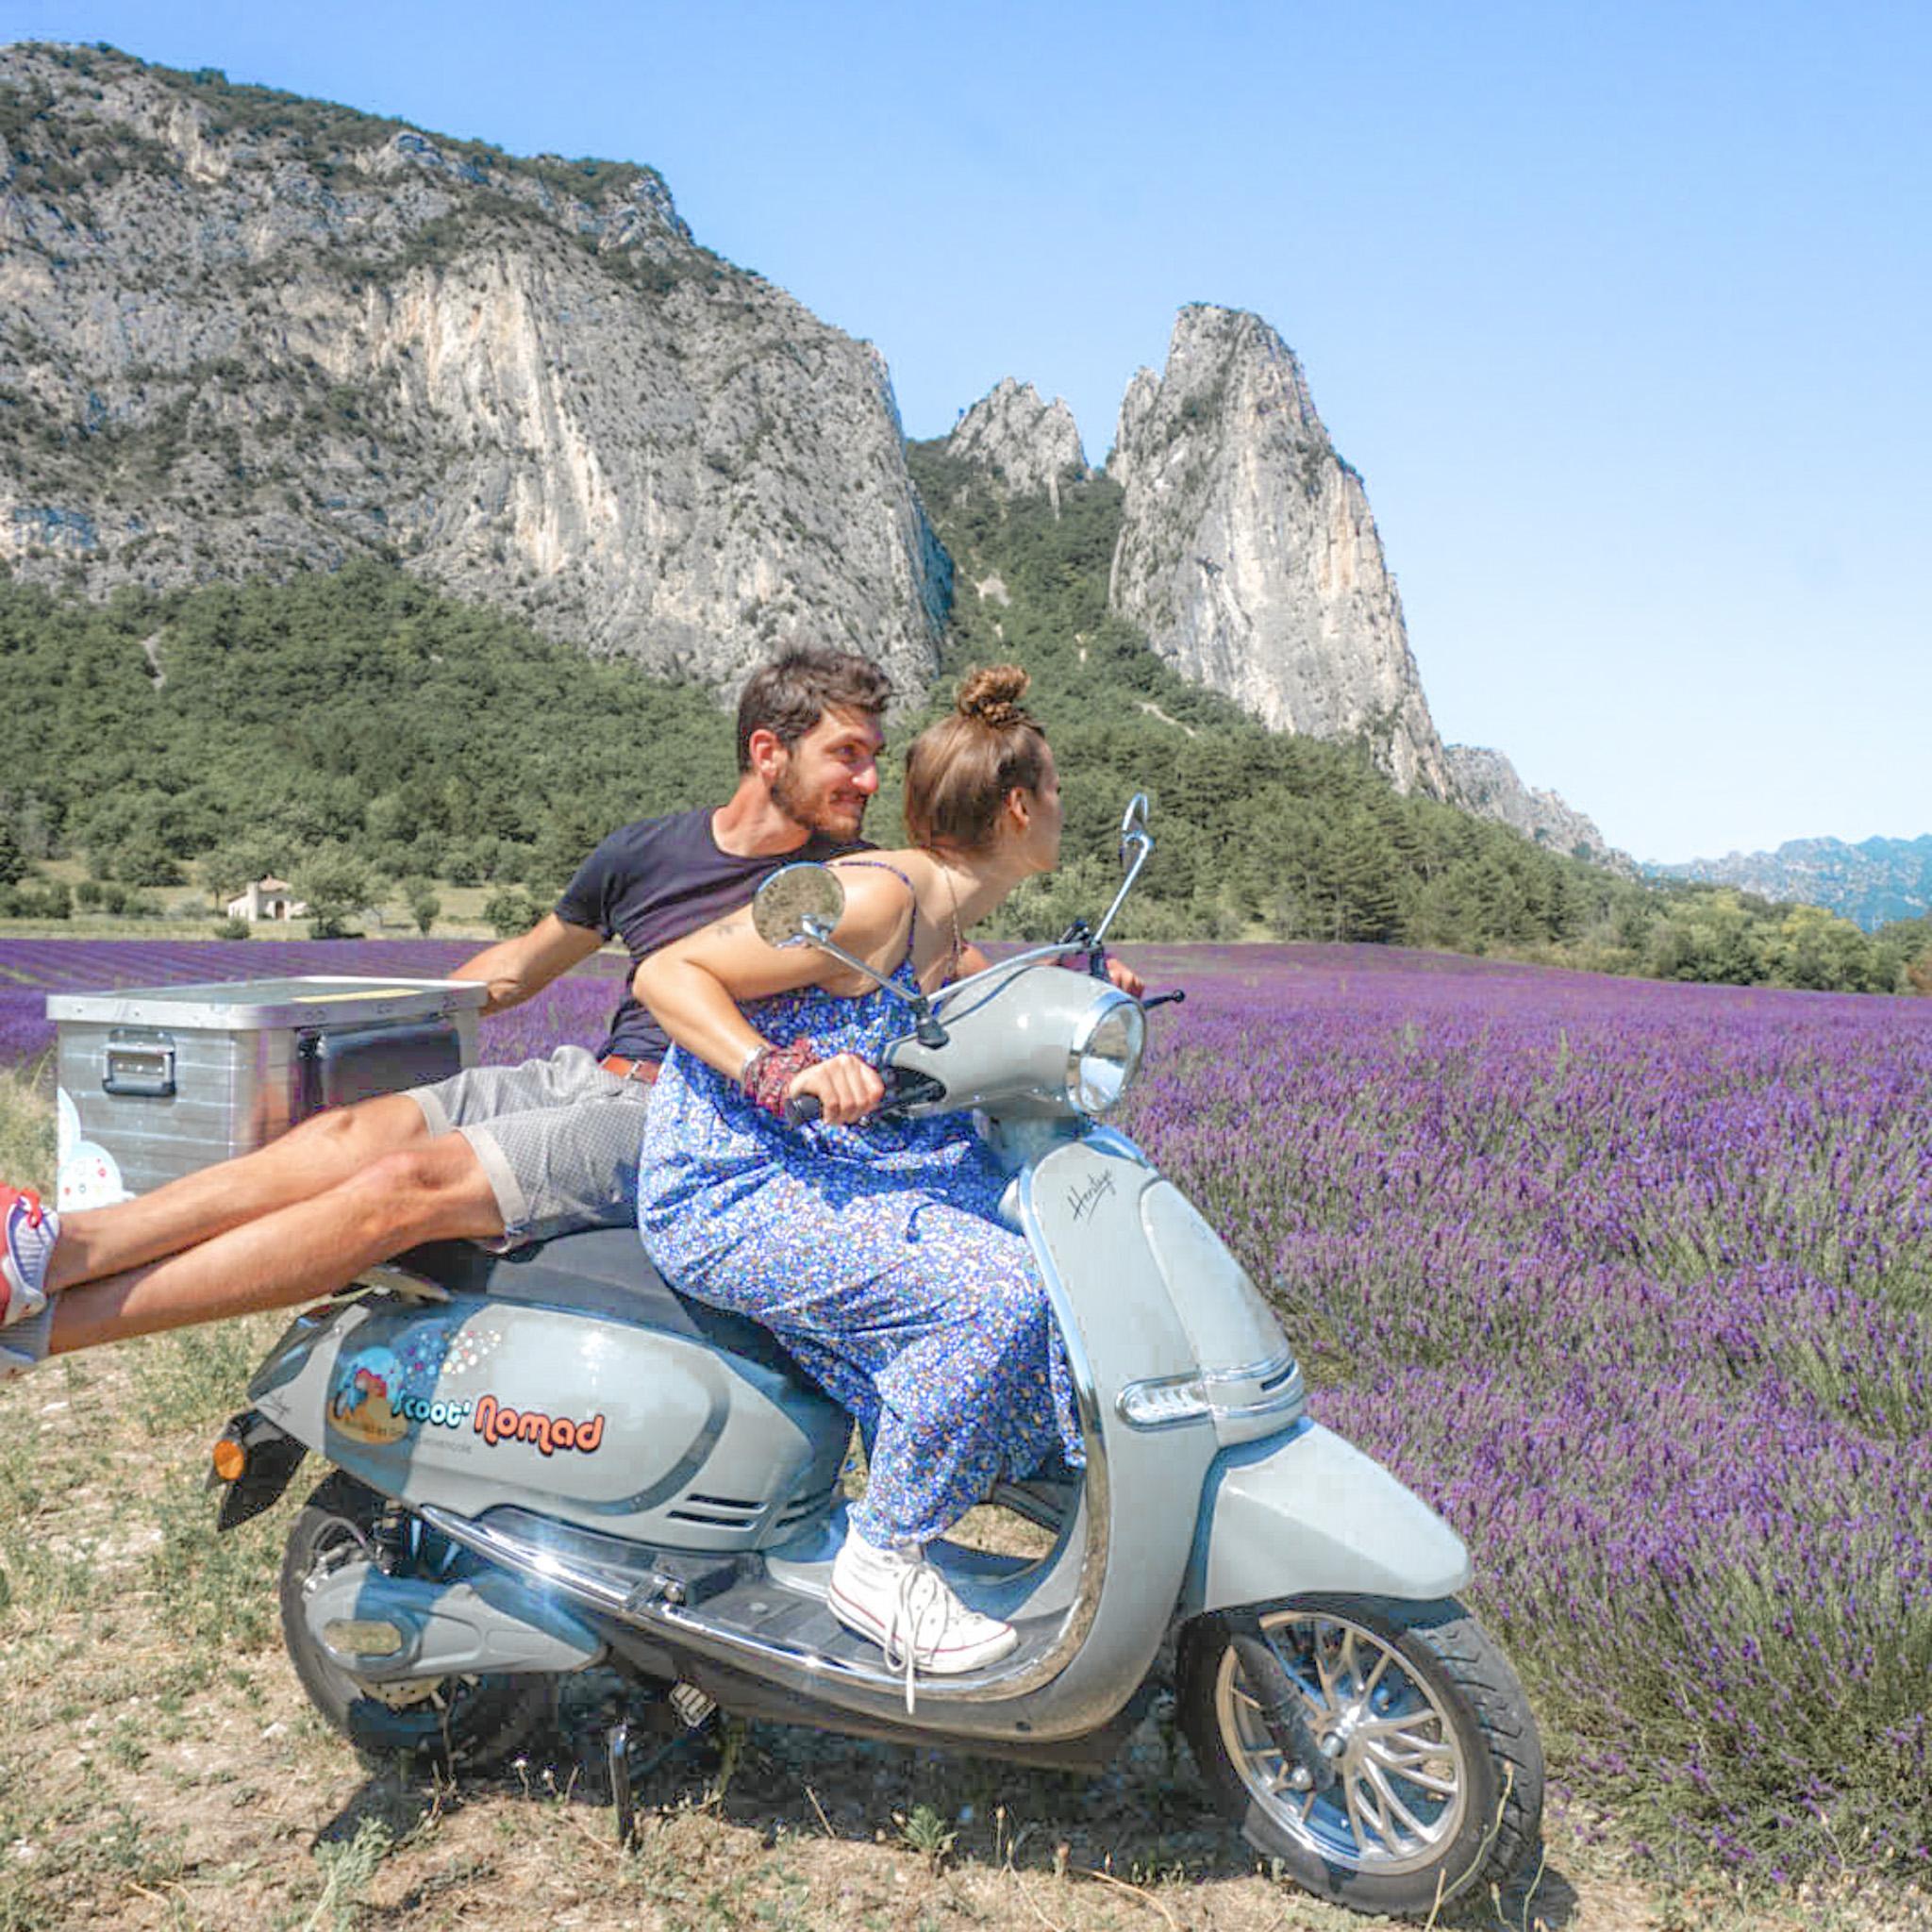 a-scoot-nomad-balade-en-scooter-tourisme-en-drome-provencale